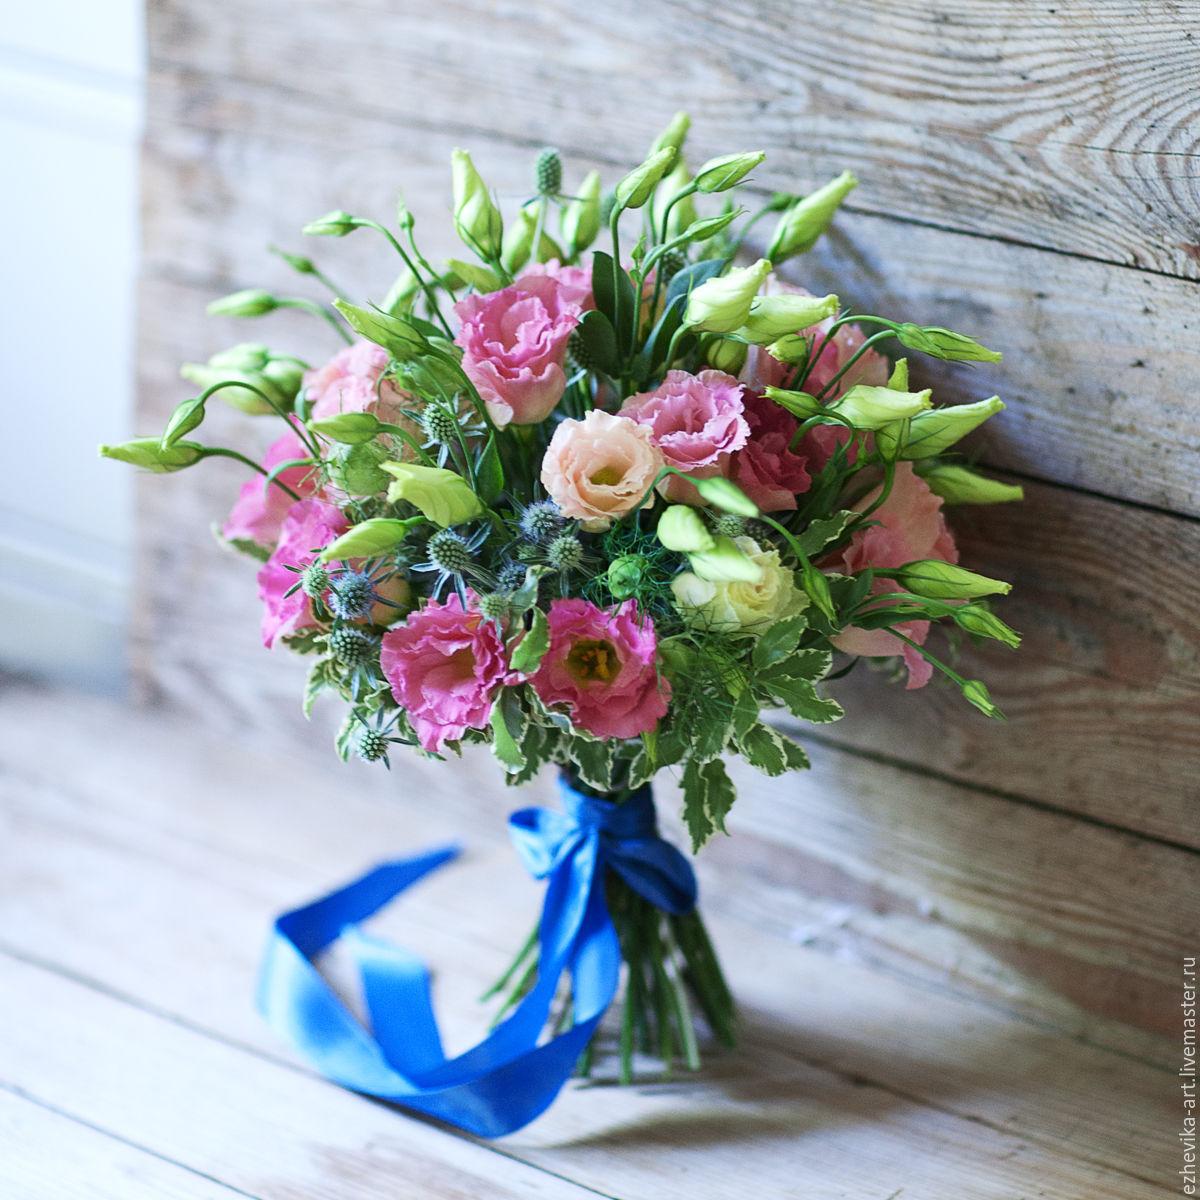 Поздравление на свадьбу к букету цветов